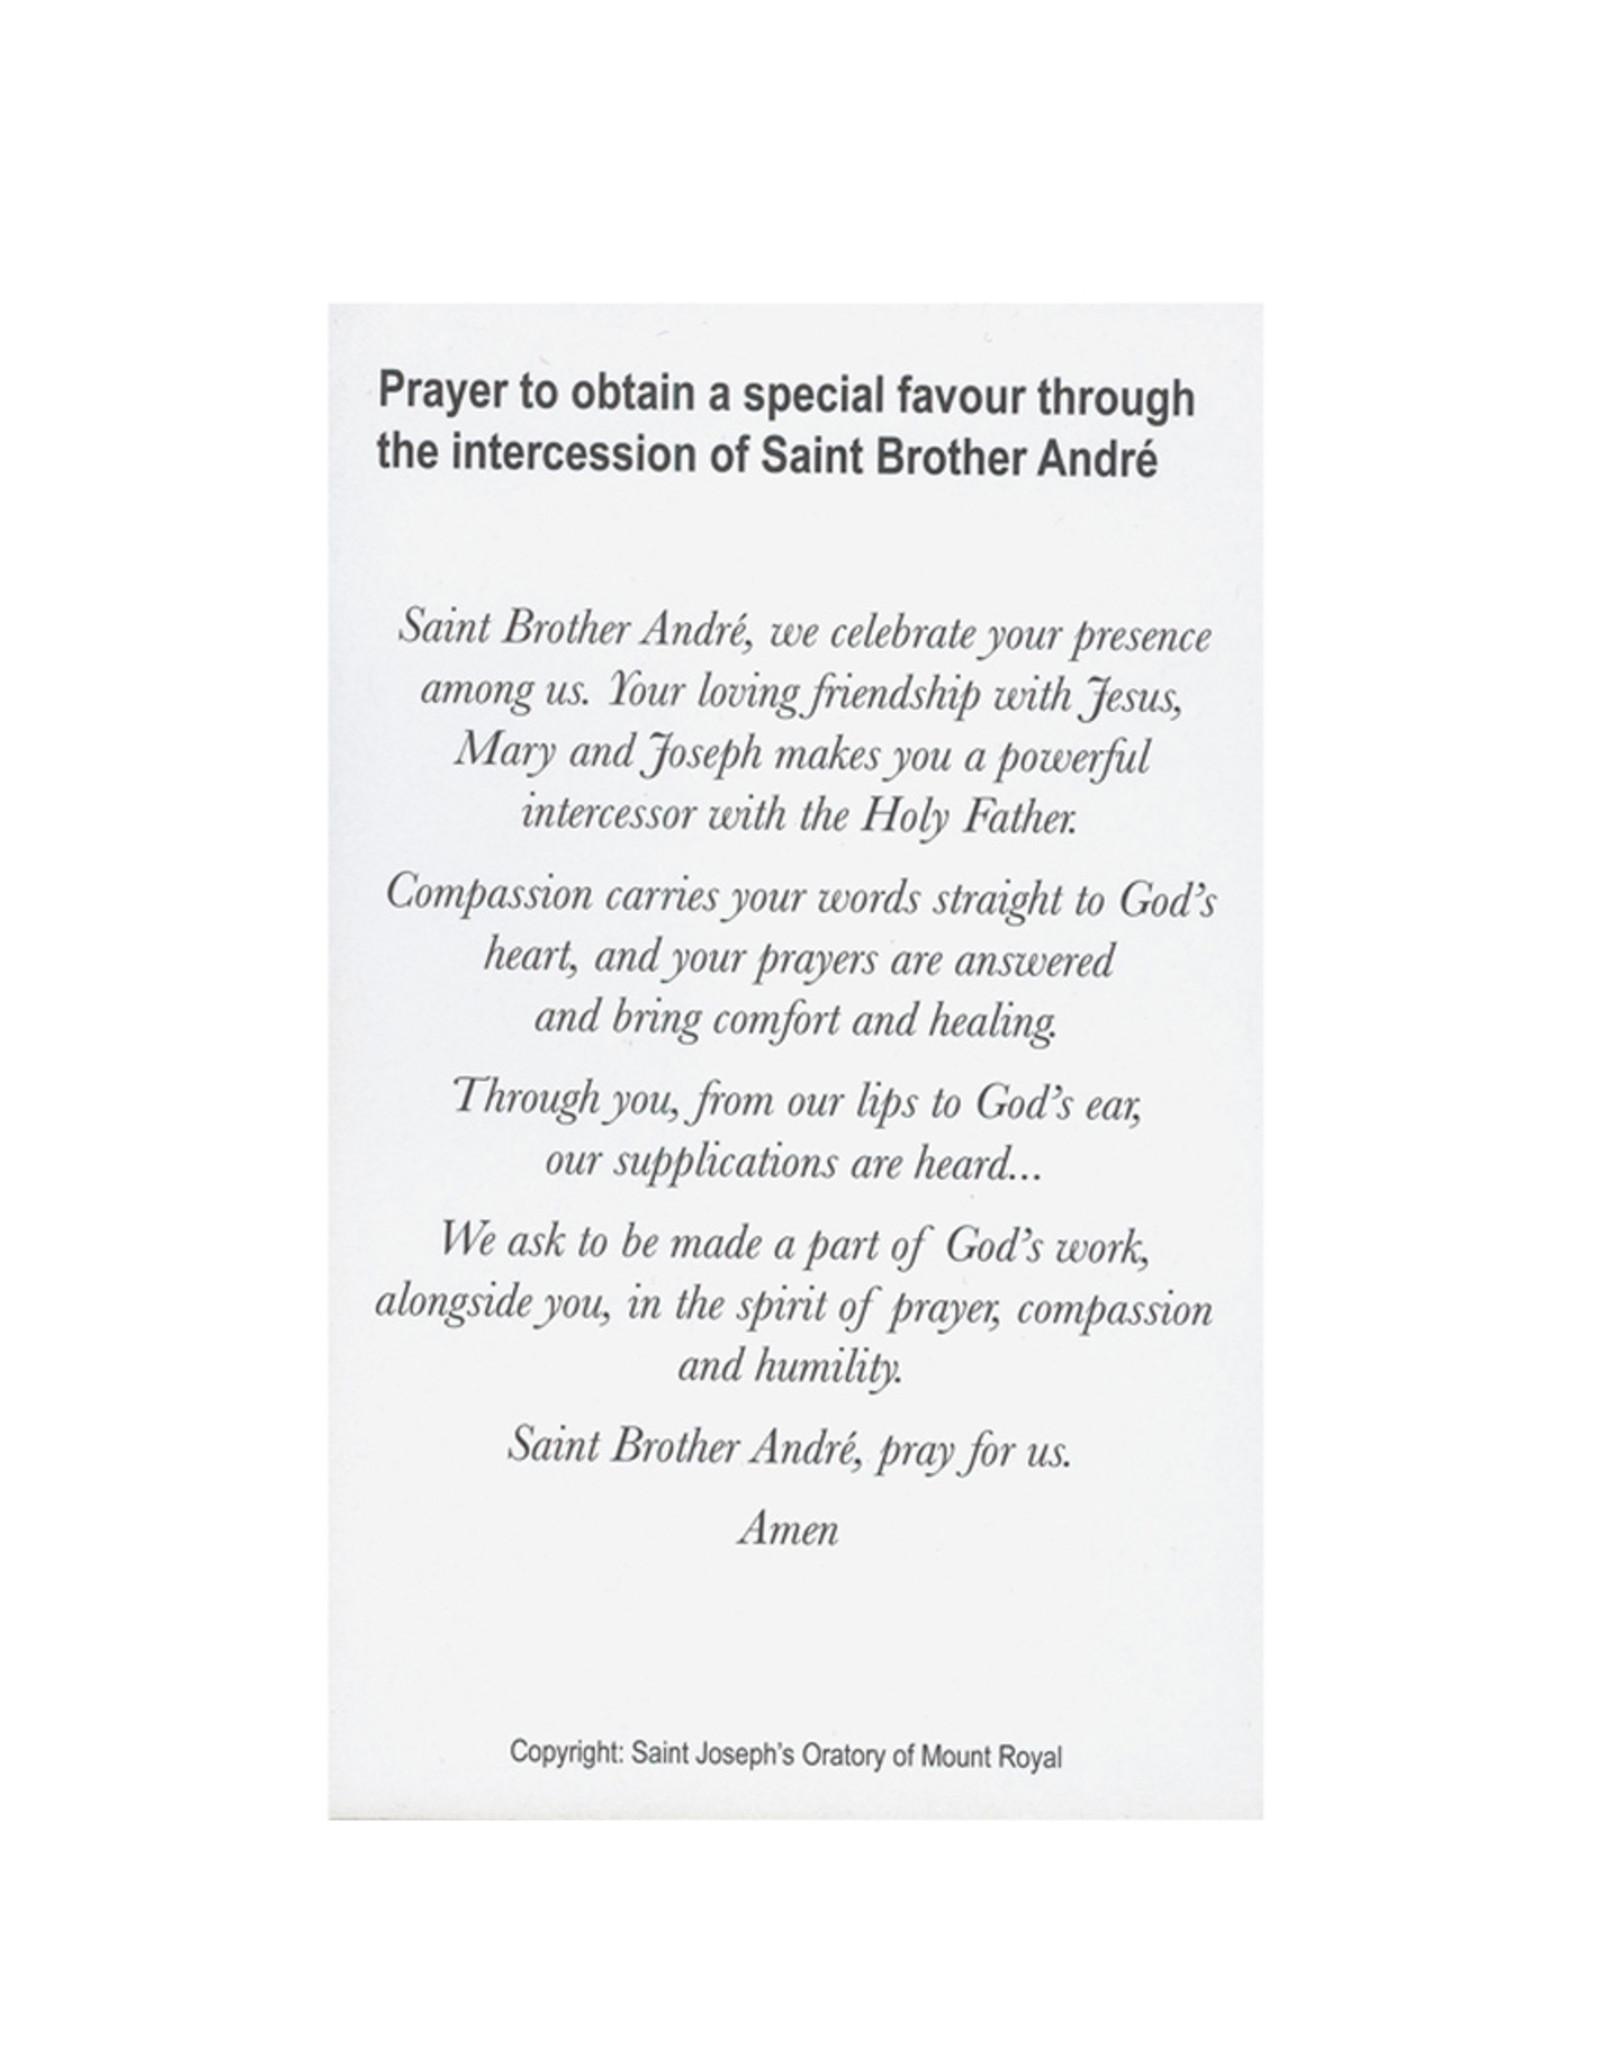 L'Oratoire Saint-Joseph du Mont-Royal Image de saint frère André avec prière (anglais)